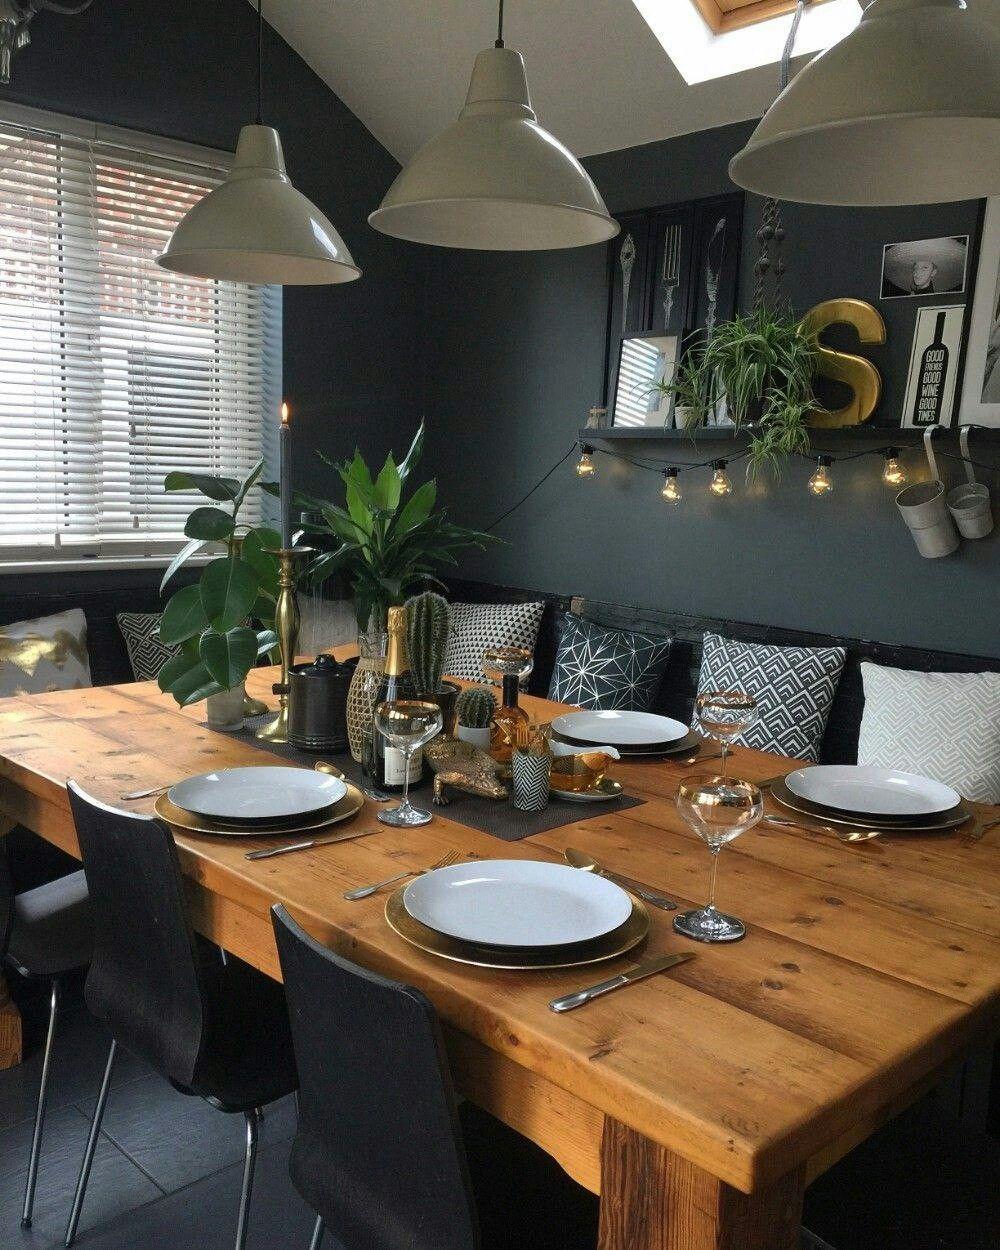 Épinglé Par Дарья Sur Интерьер Pinterest - Table a manger en palette pour idees de deco de cuisine